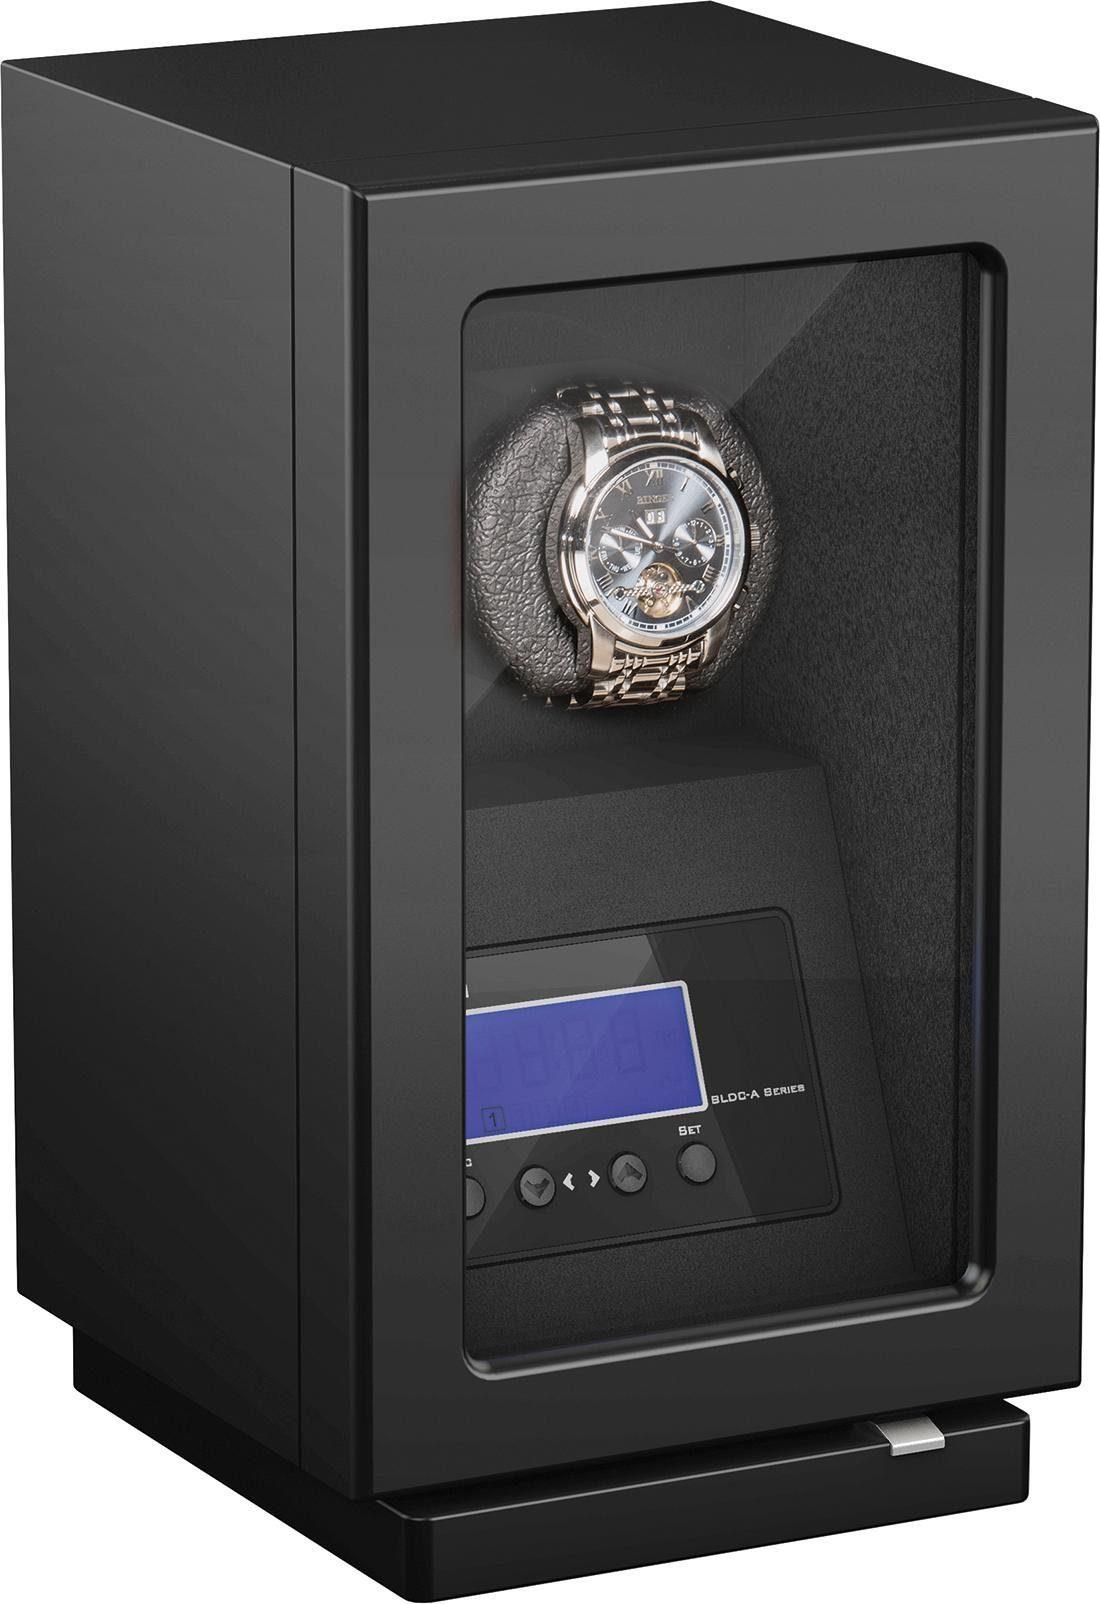 Boxy Uhrenbeweger »Boxy BLDC für 1 Uhr, 309419«